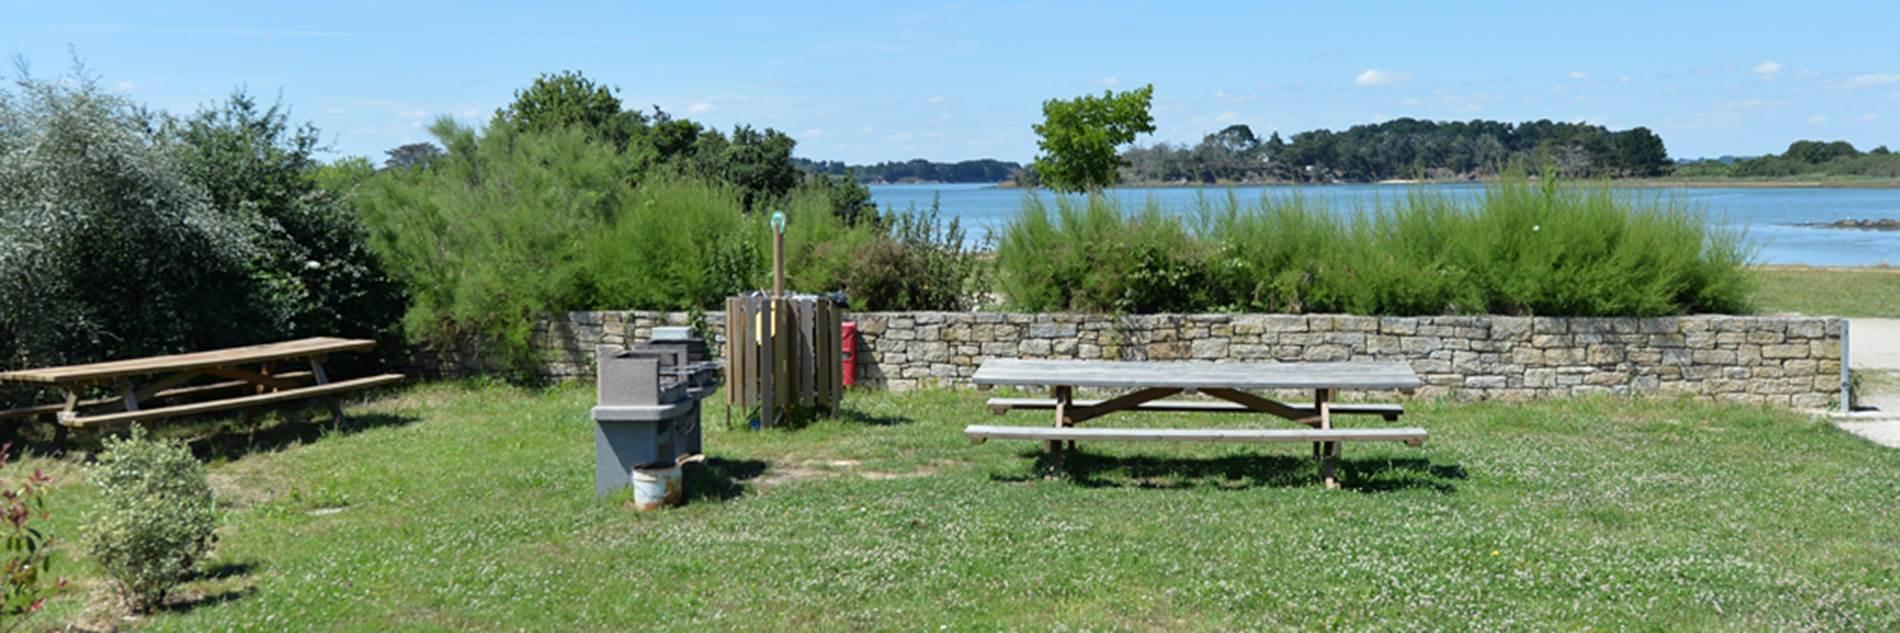 Espace Barbecue Le Tindio ©